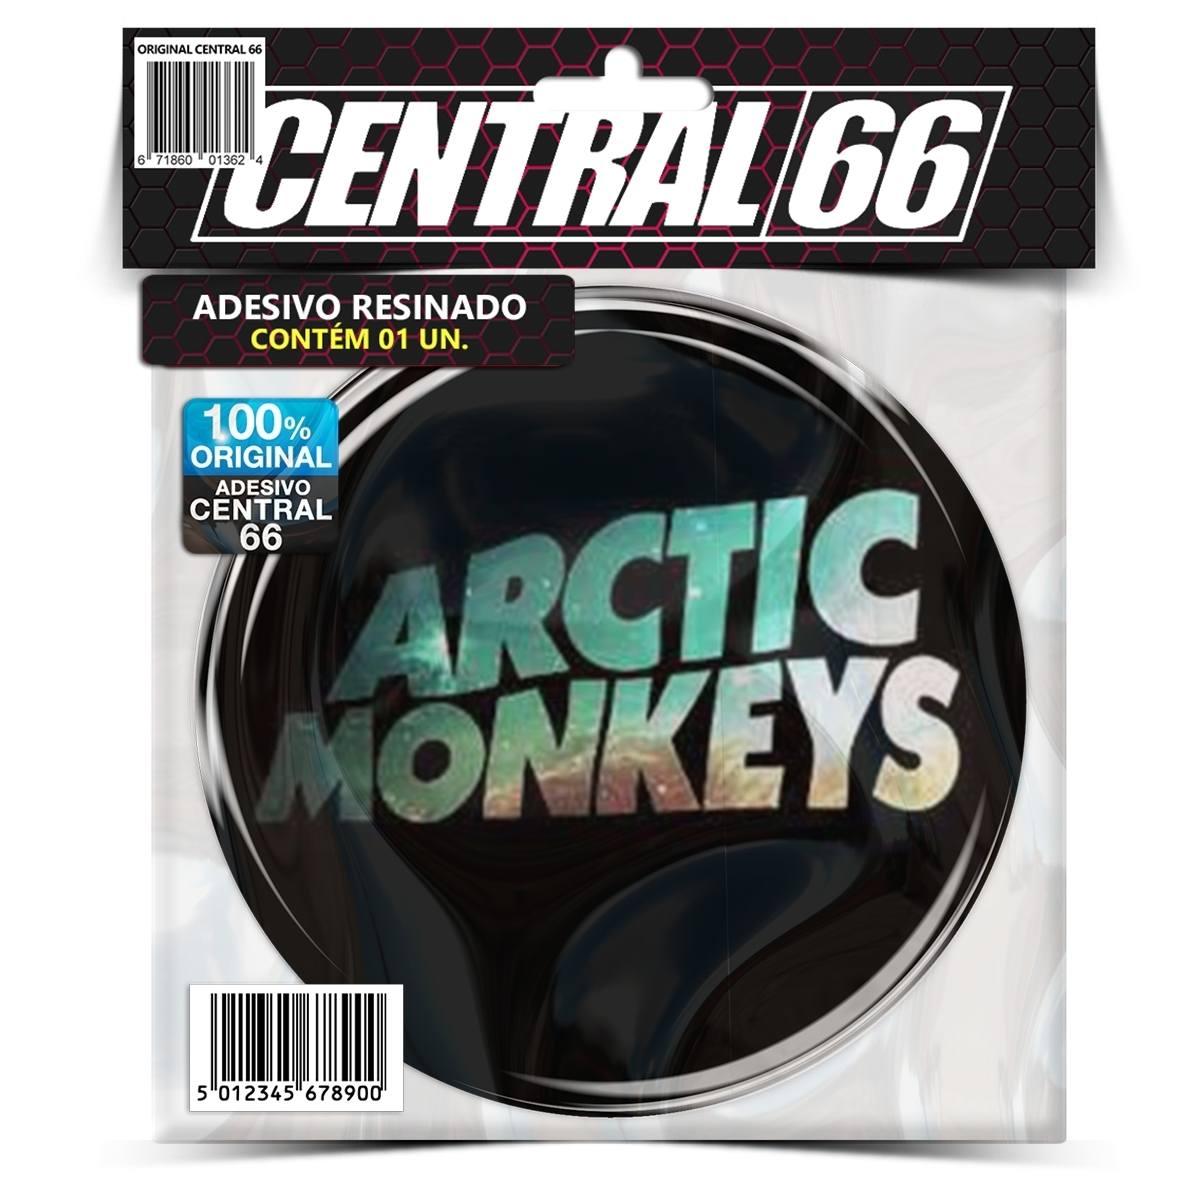 Adesivo Redondo Arctic Monkeys – Central 66